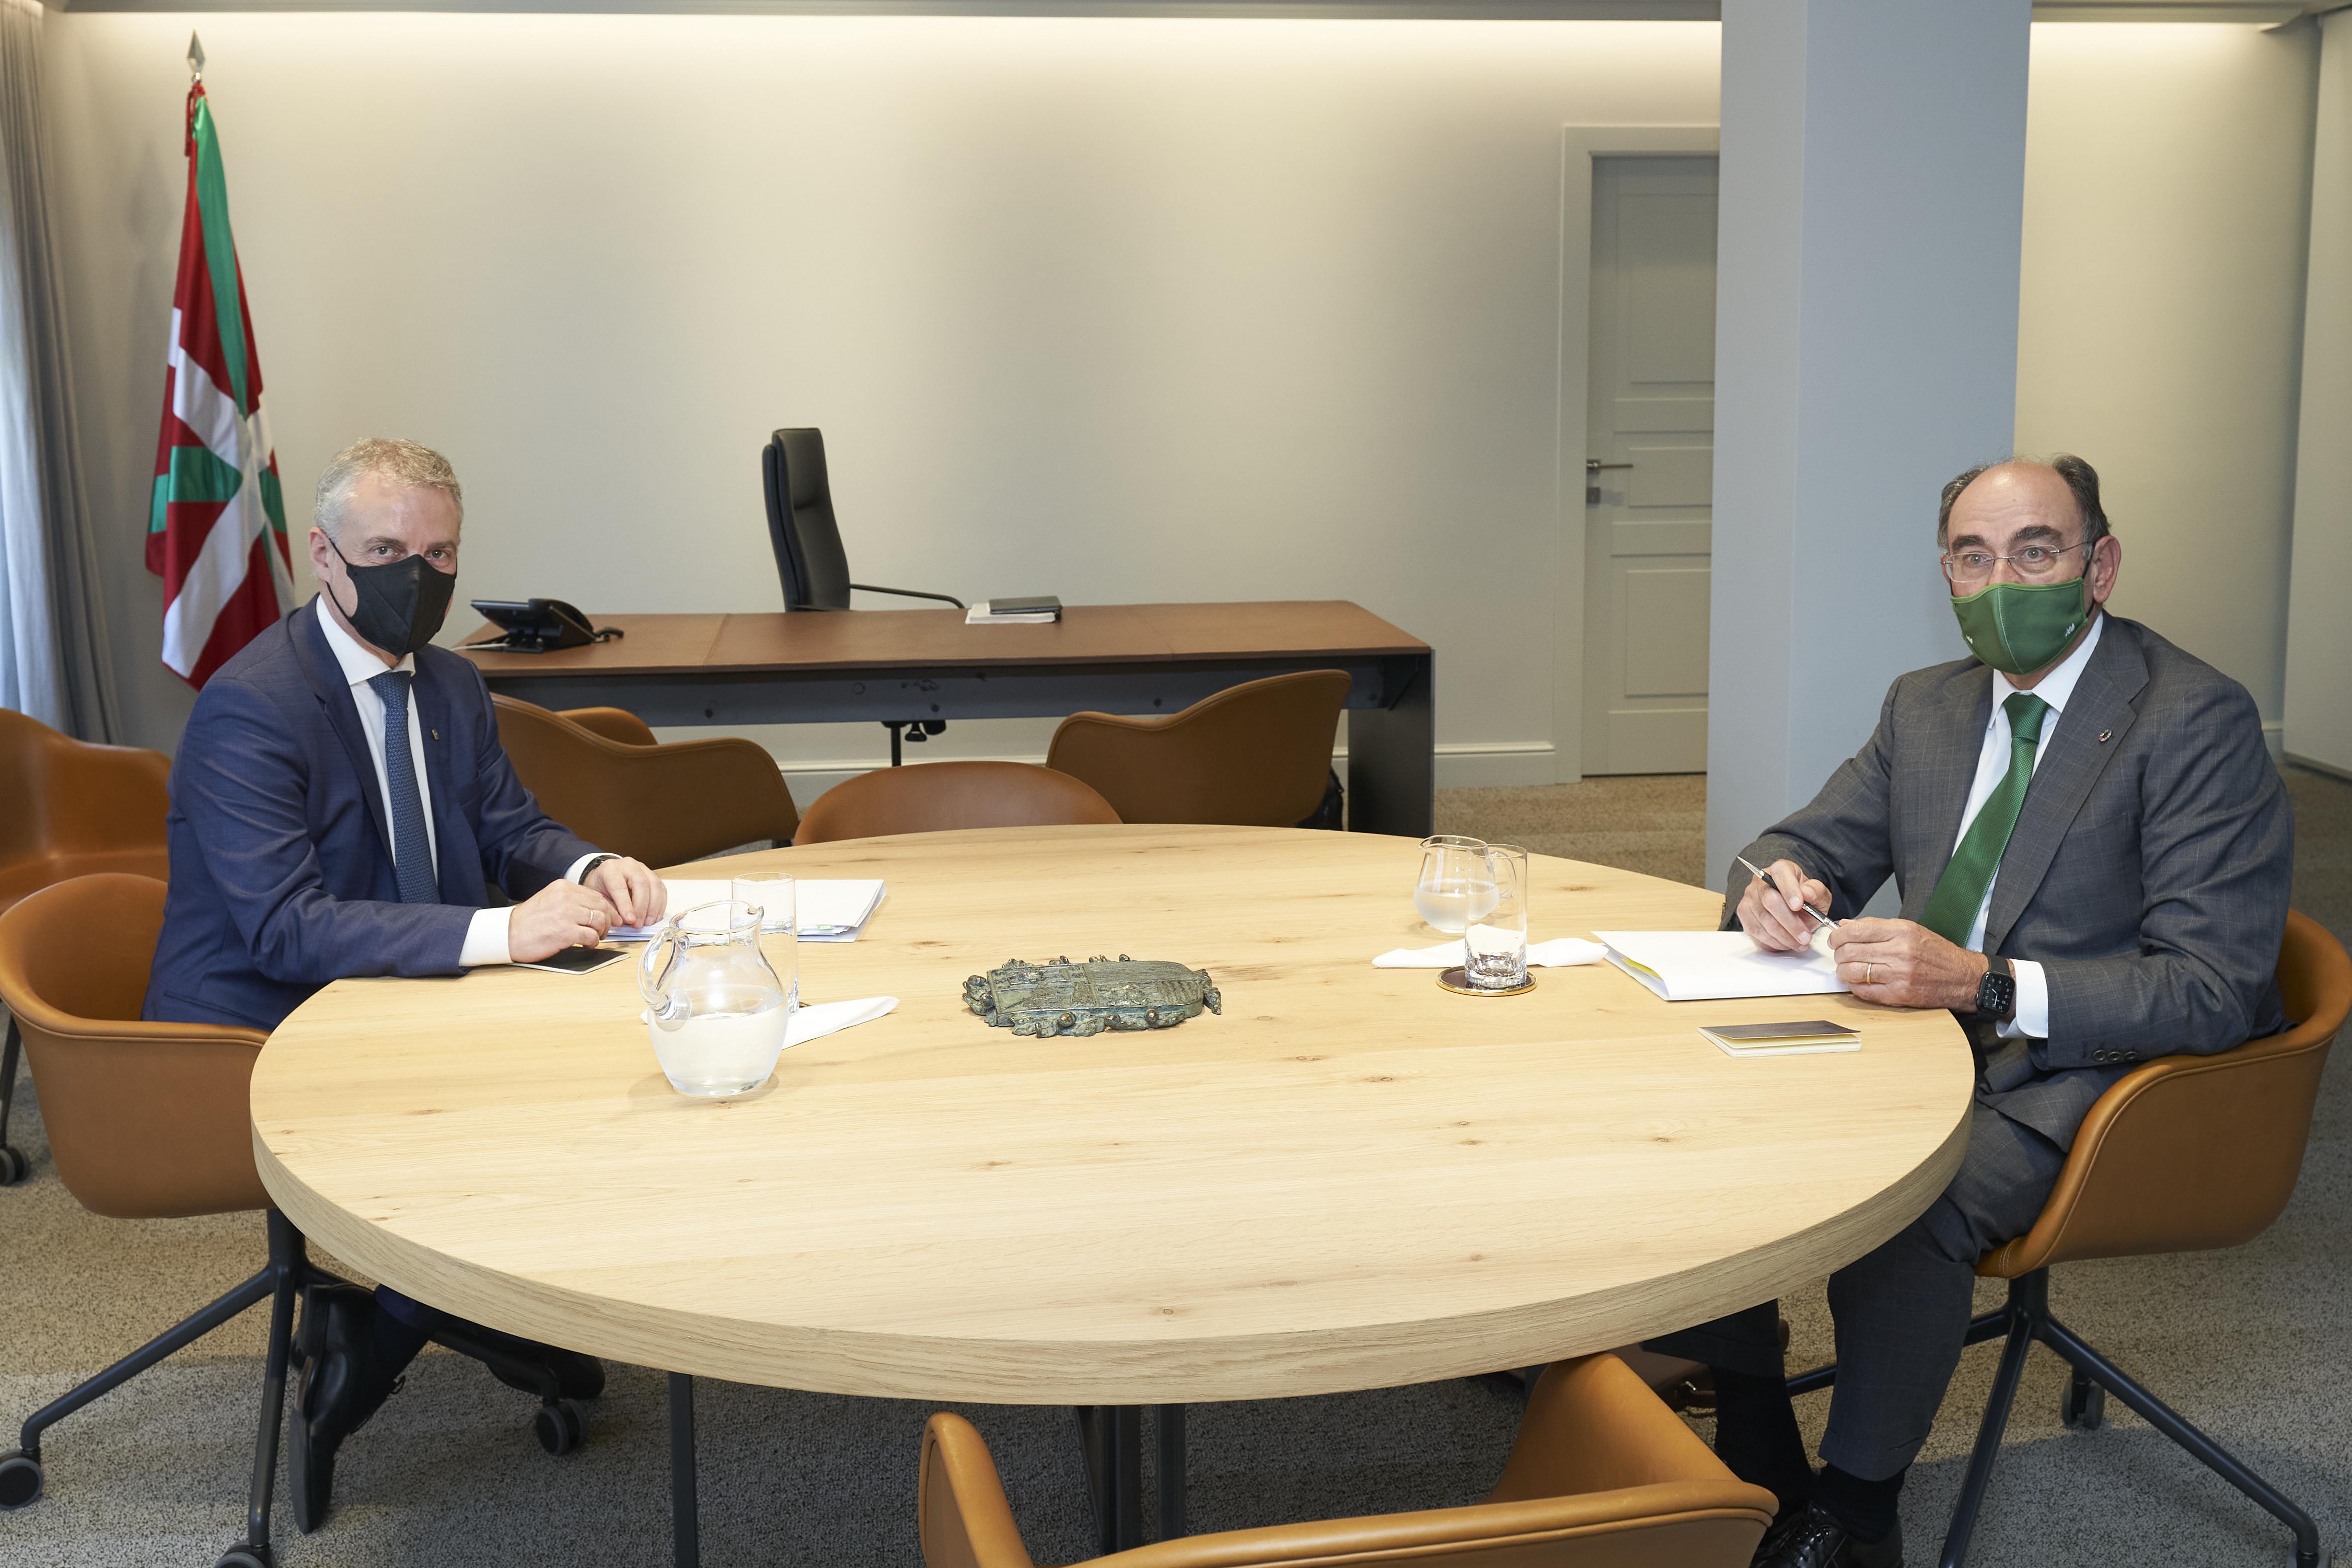 El Lehendakari se reúne con el Presidente de Iberdrola [0:29]